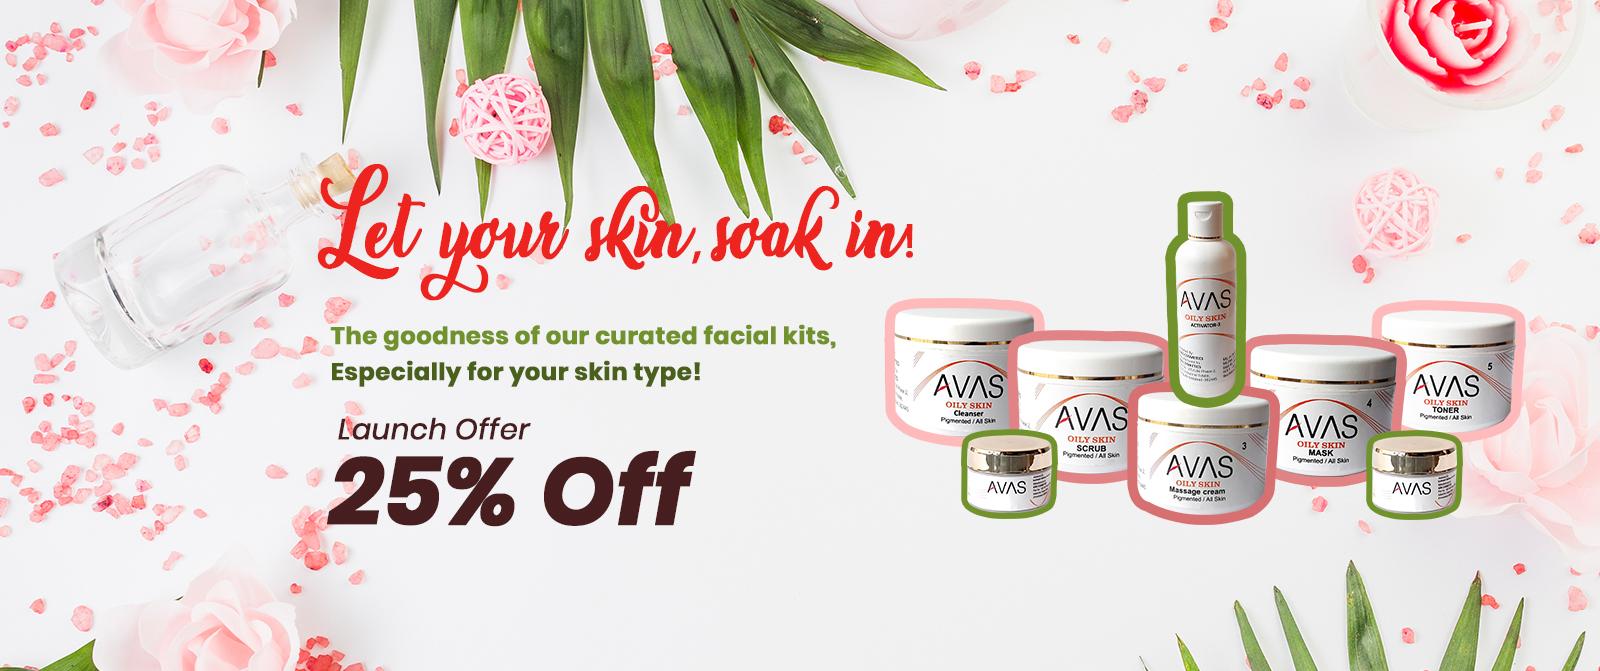 Oily Skin Facial Kit